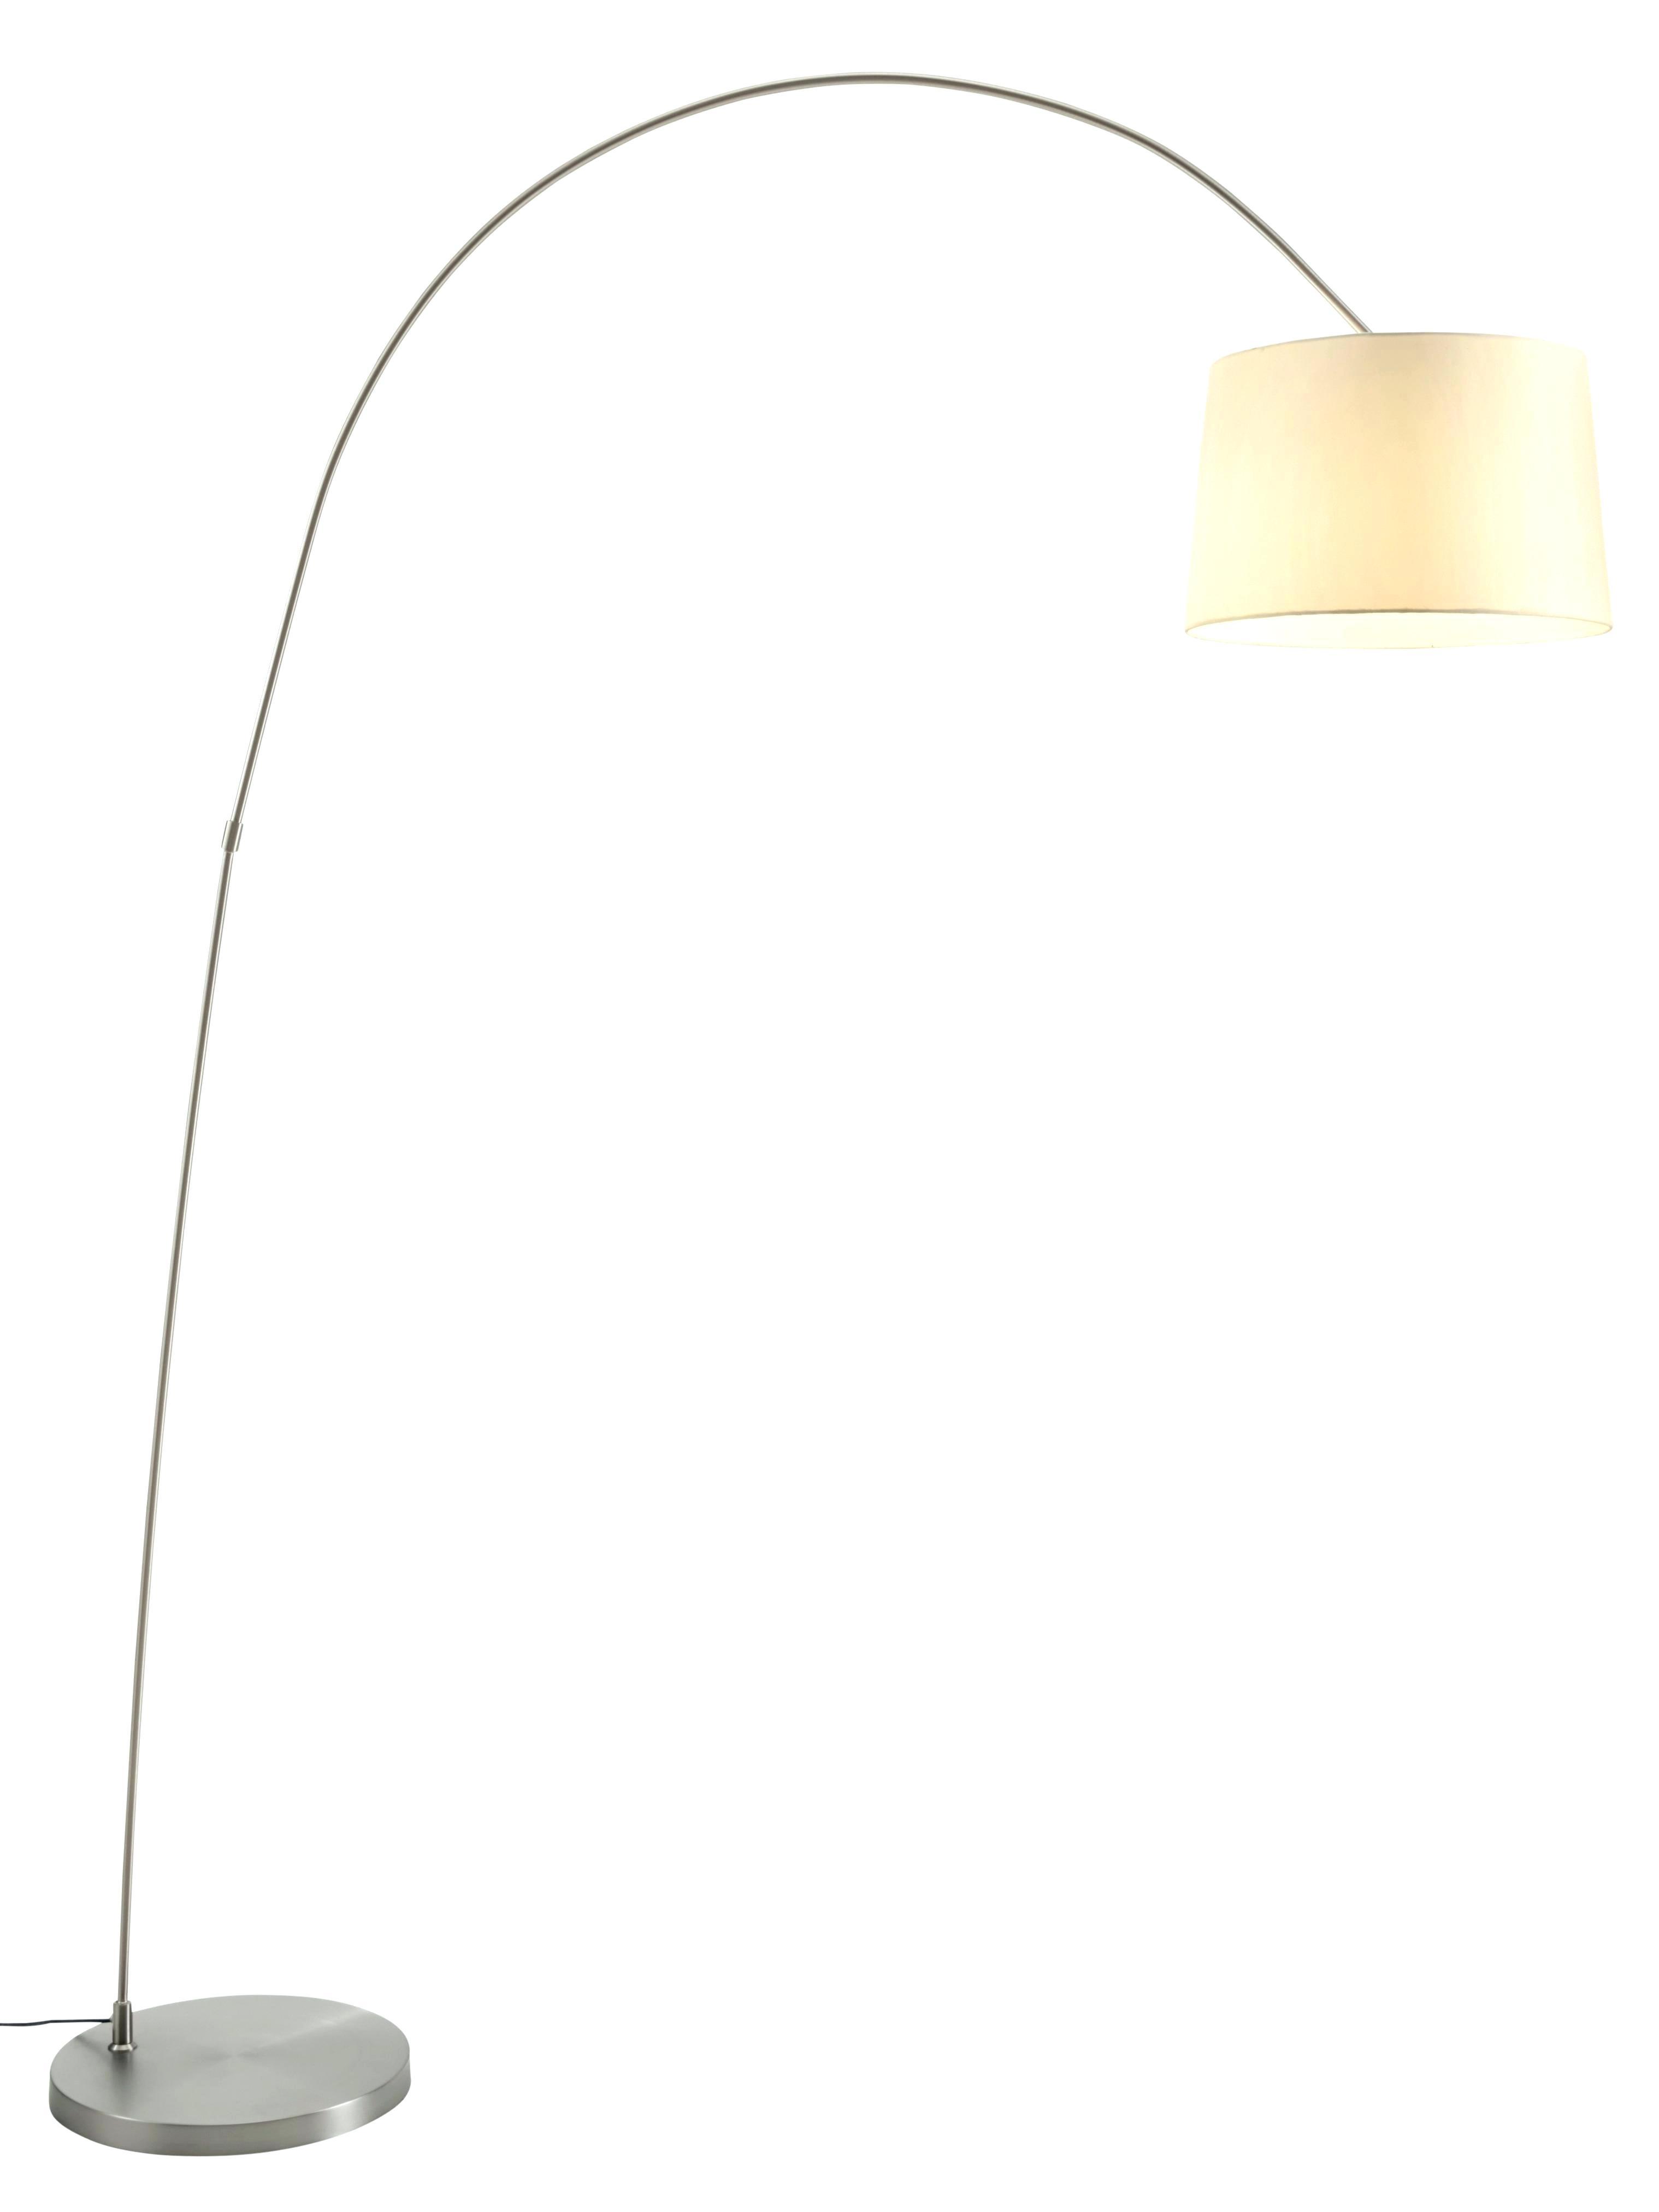 Standleuchten Stehn Wohnzimme Haz Nschim Deco Lichte